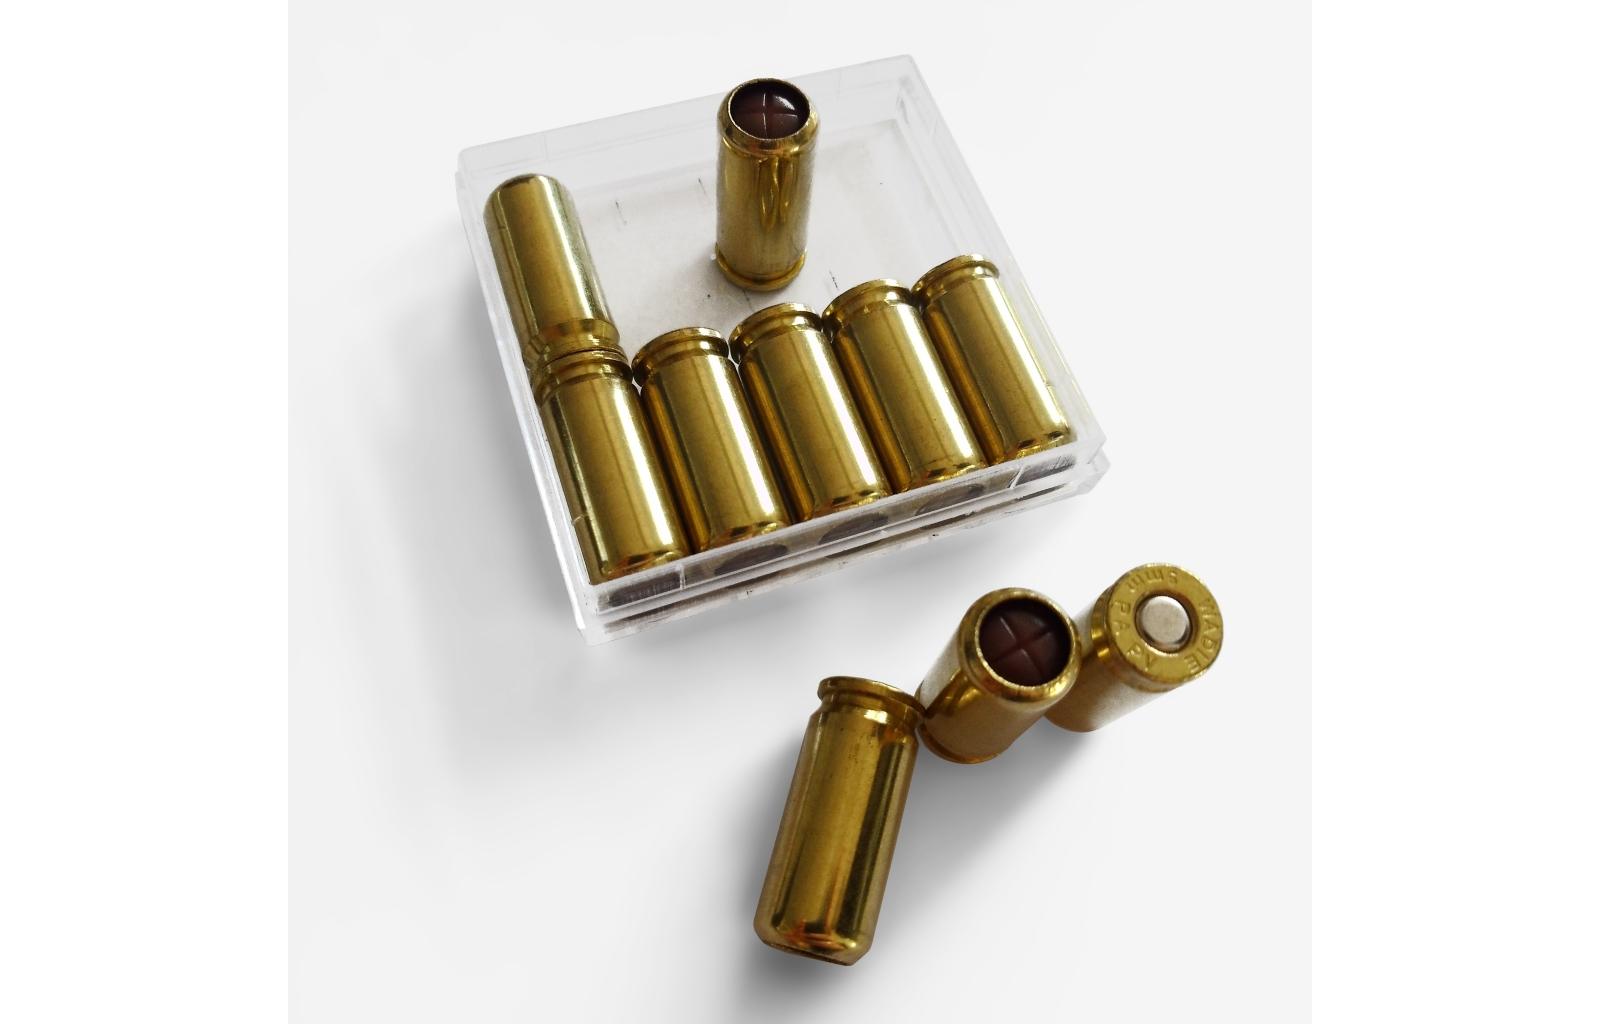 10x Cartouches Gaz Poivre 9mm PAK Pistolet Armurerie